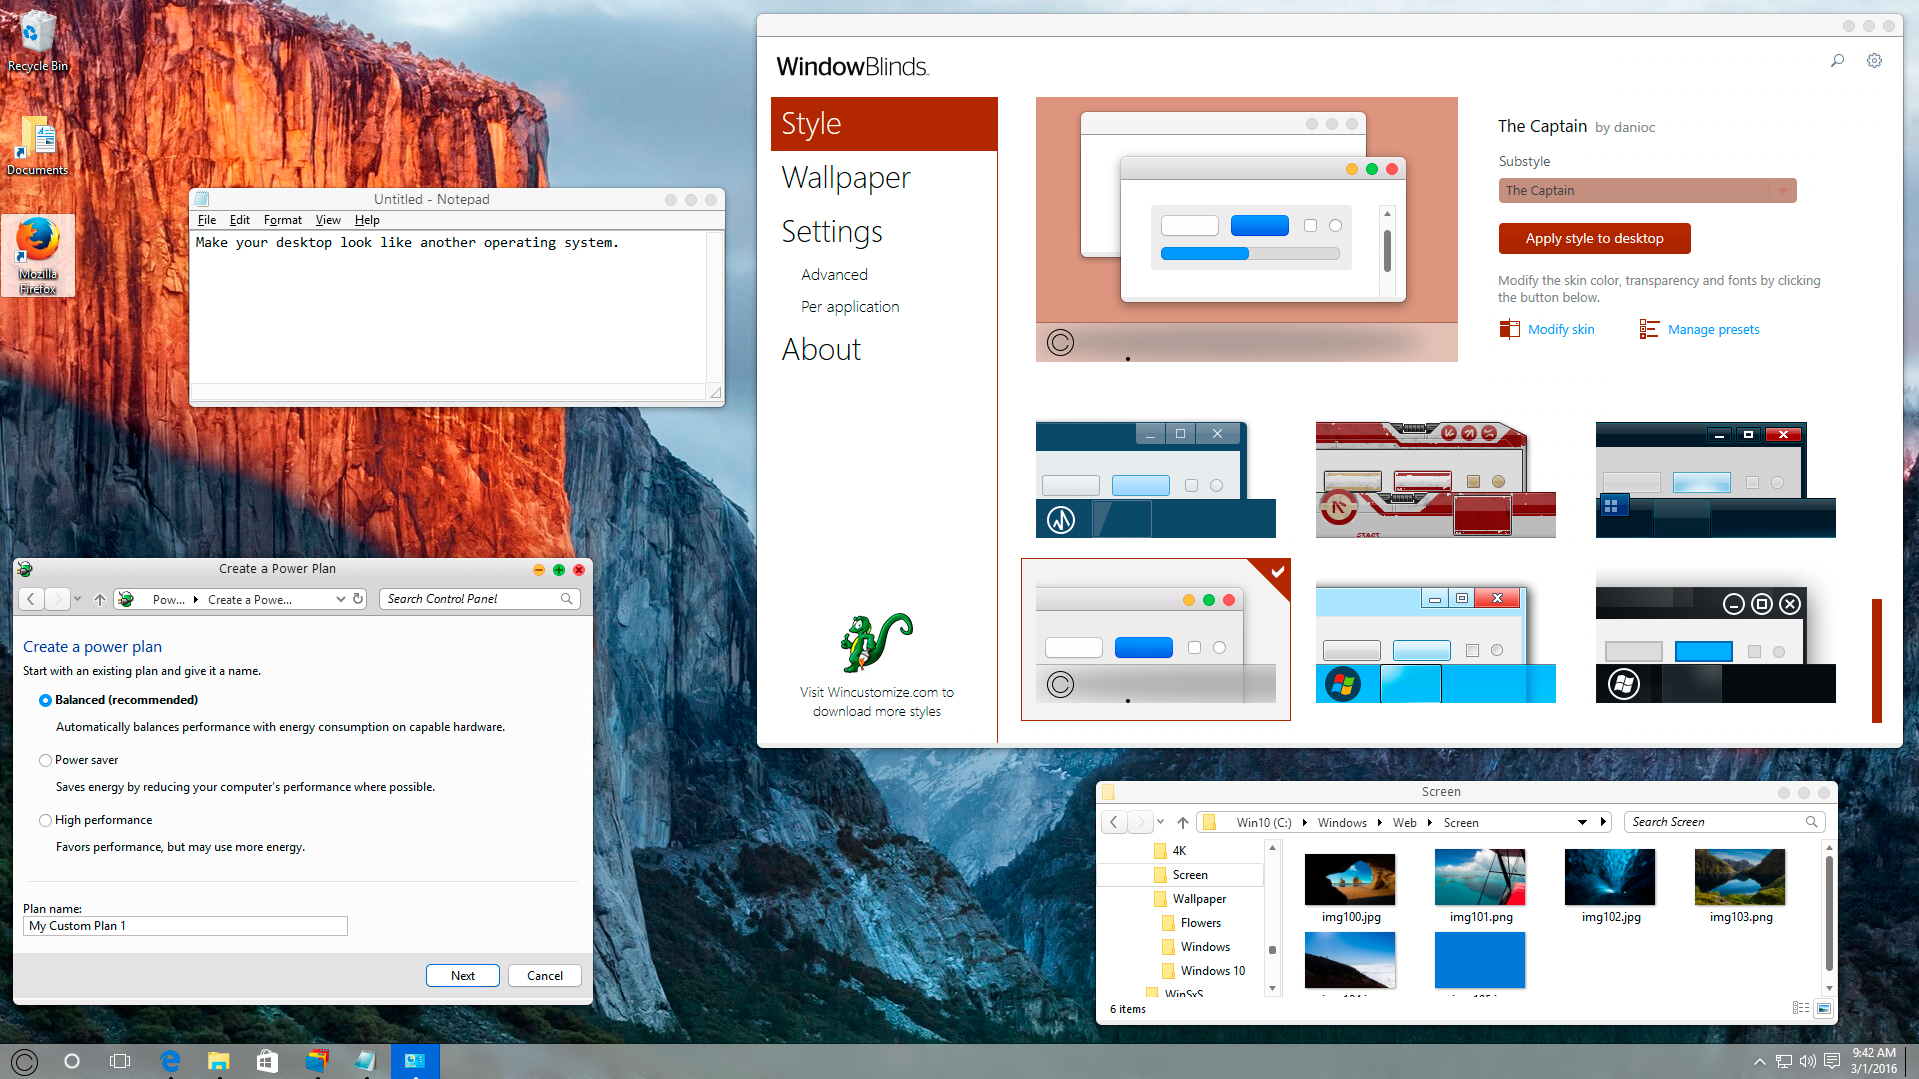 WindowBlinds 10.85 Crack Full Version Free Download Latest 2021